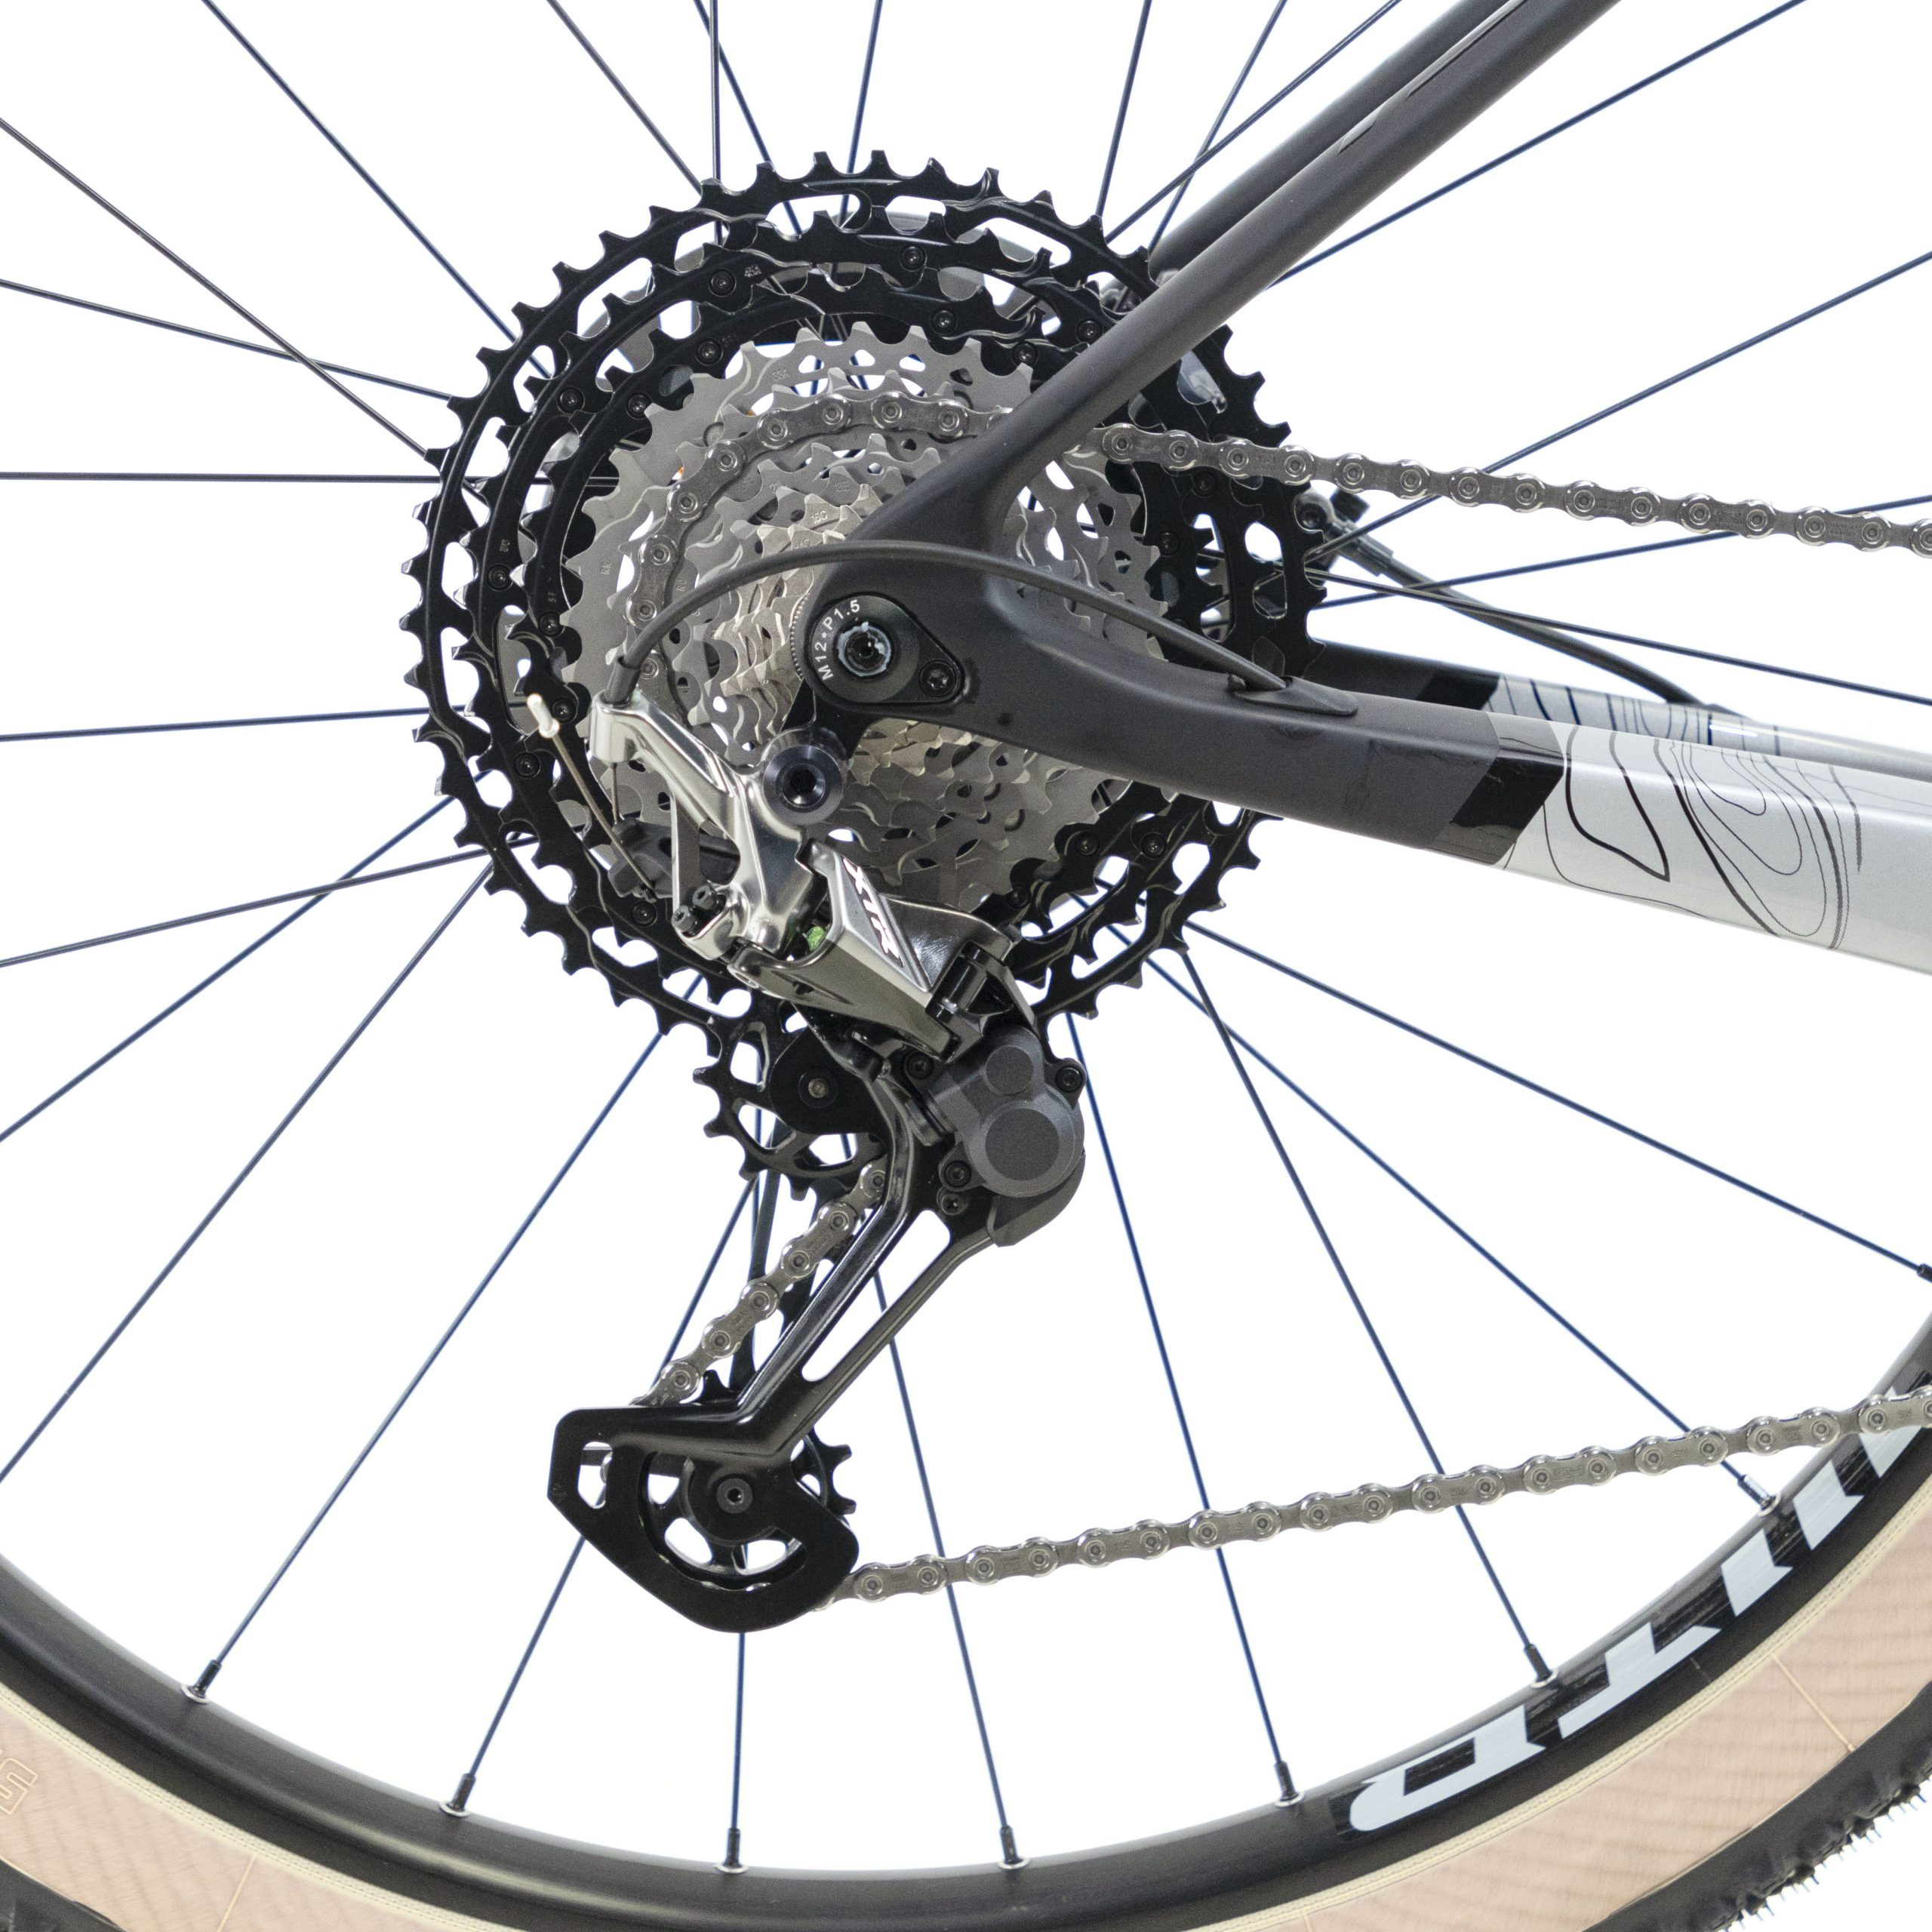 Bicicleta TSW Evo Quest   Advanced-Recon 16